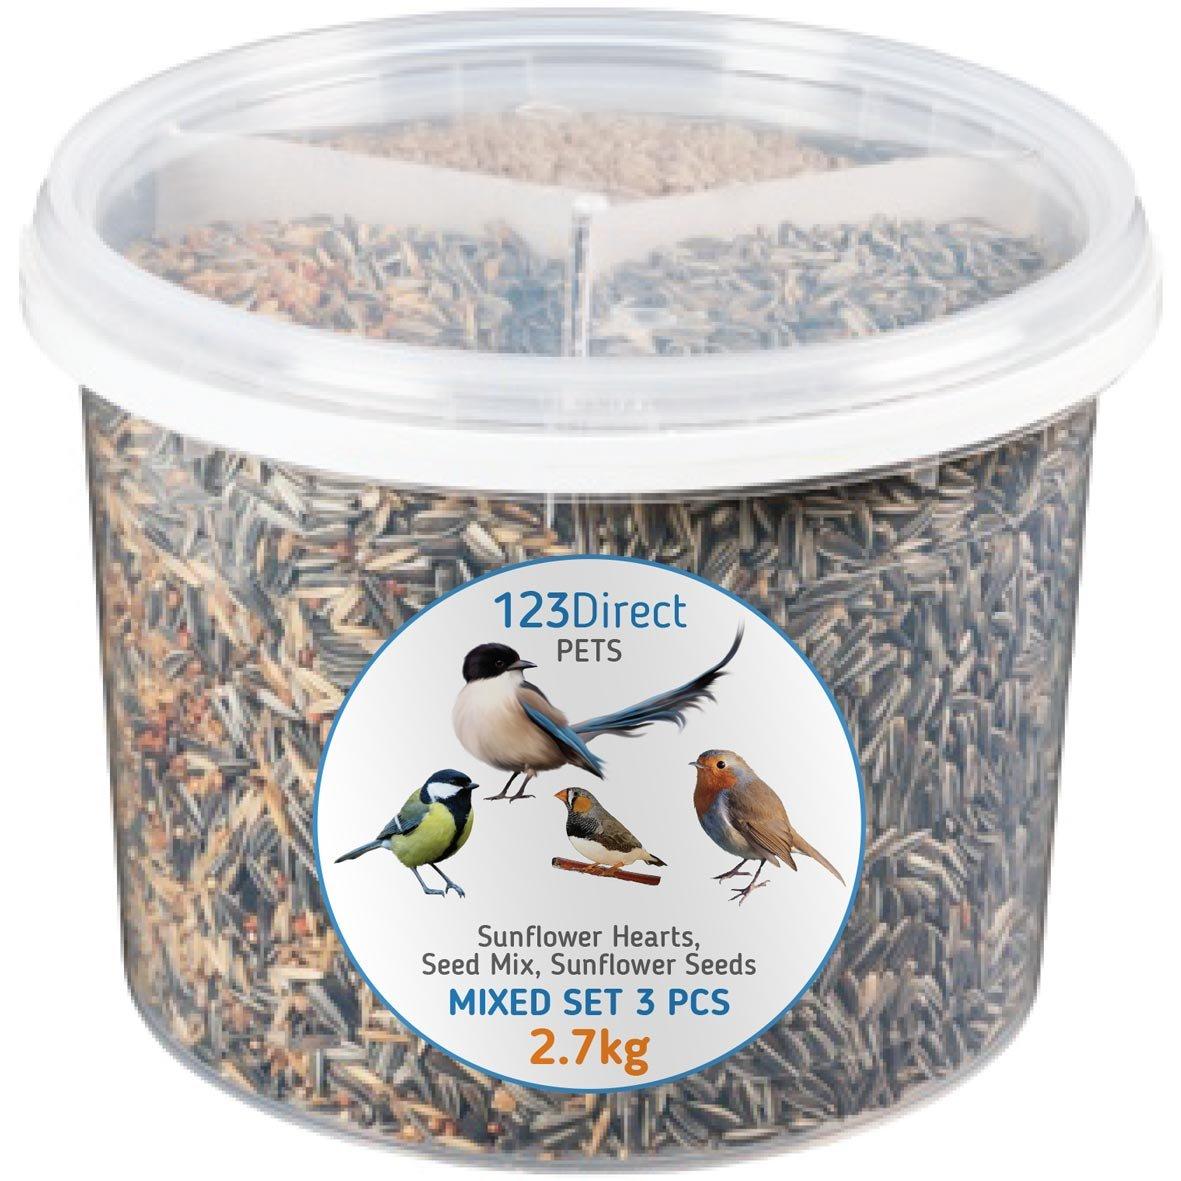 2.7 Kgs - Unique 3-in-1 Premium Wild Garden Bird Food Seed Mix | All In One Complete Bird Feeding Re-Useable Tub | Mixed Set Of Premium Wild Bird Food | Bakery Grade Sunflower Hearts + Super Quality Wild Bird Seed Mix + Highest Grade Sunflower Seeds 123 D